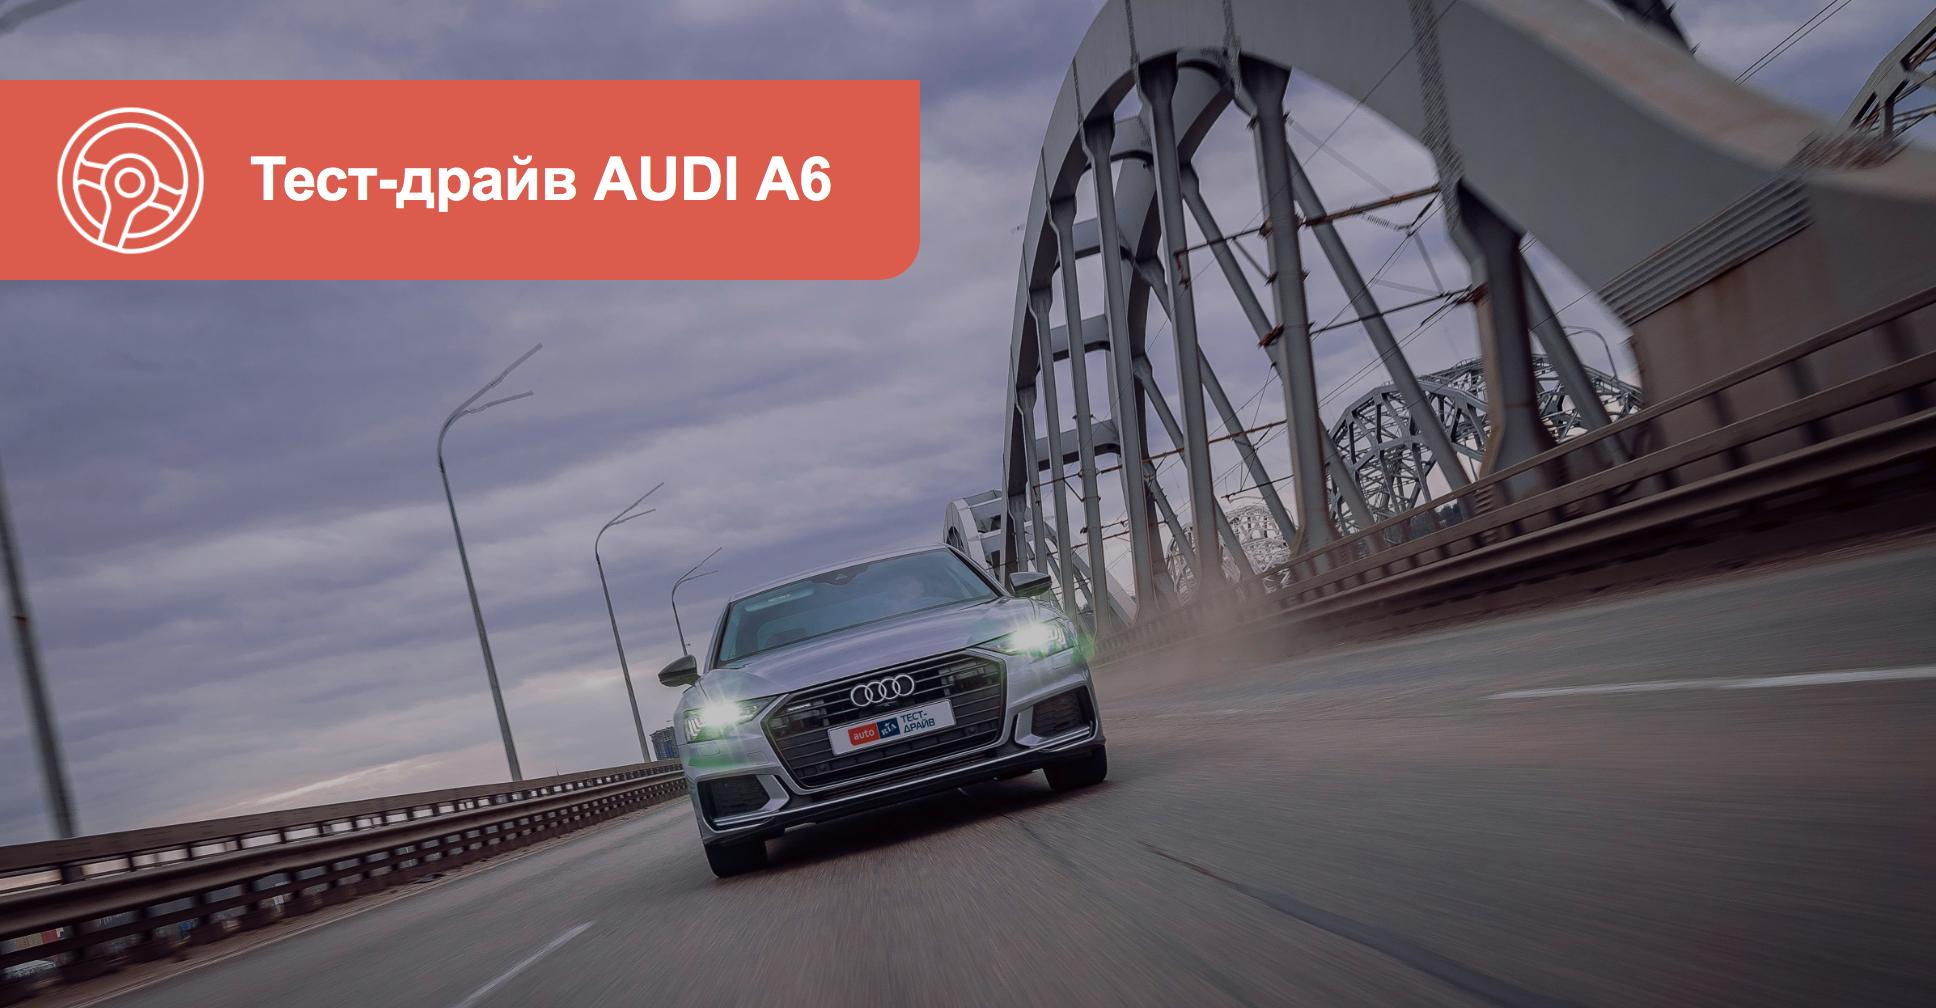 Ауди А6 2019 тест драйв и обзор Audi A6 с фото